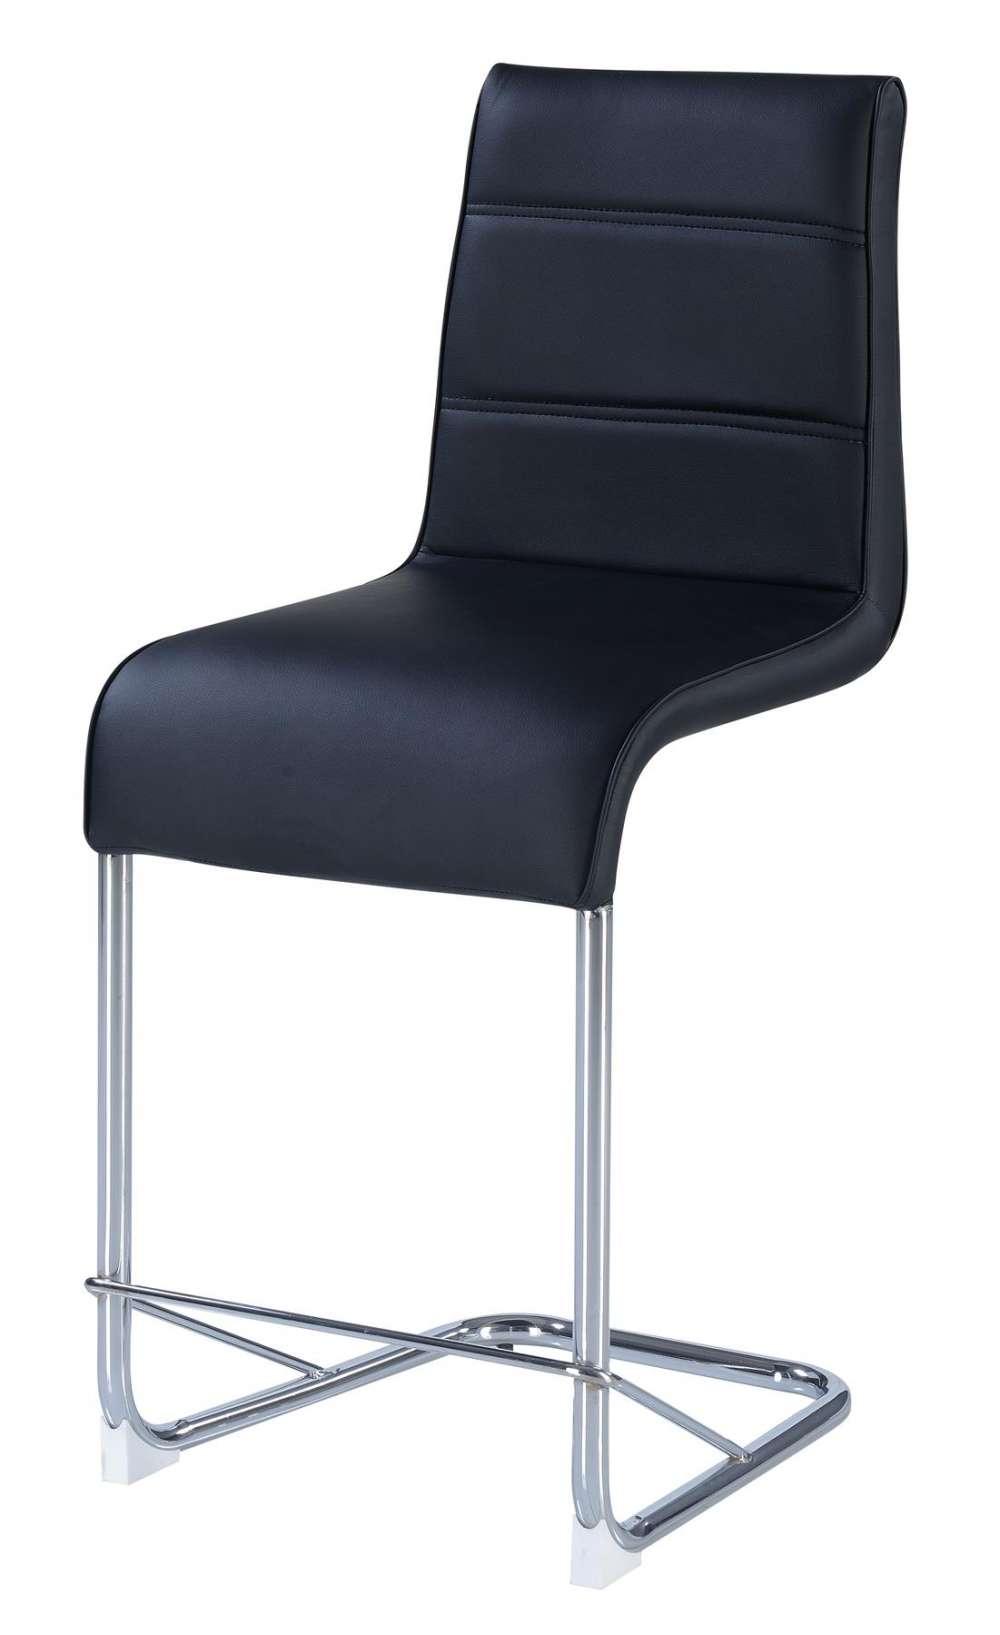 Sensational Black Bar Stool With Chrome Frame Short Links Chair Design For Home Short Linksinfo